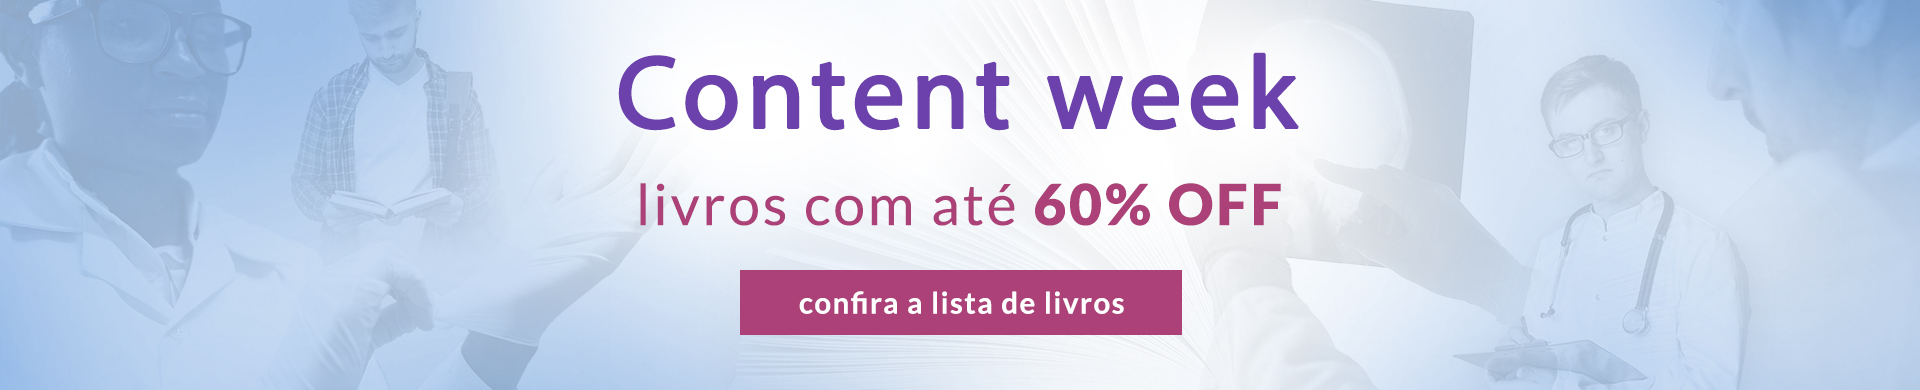 Content_week